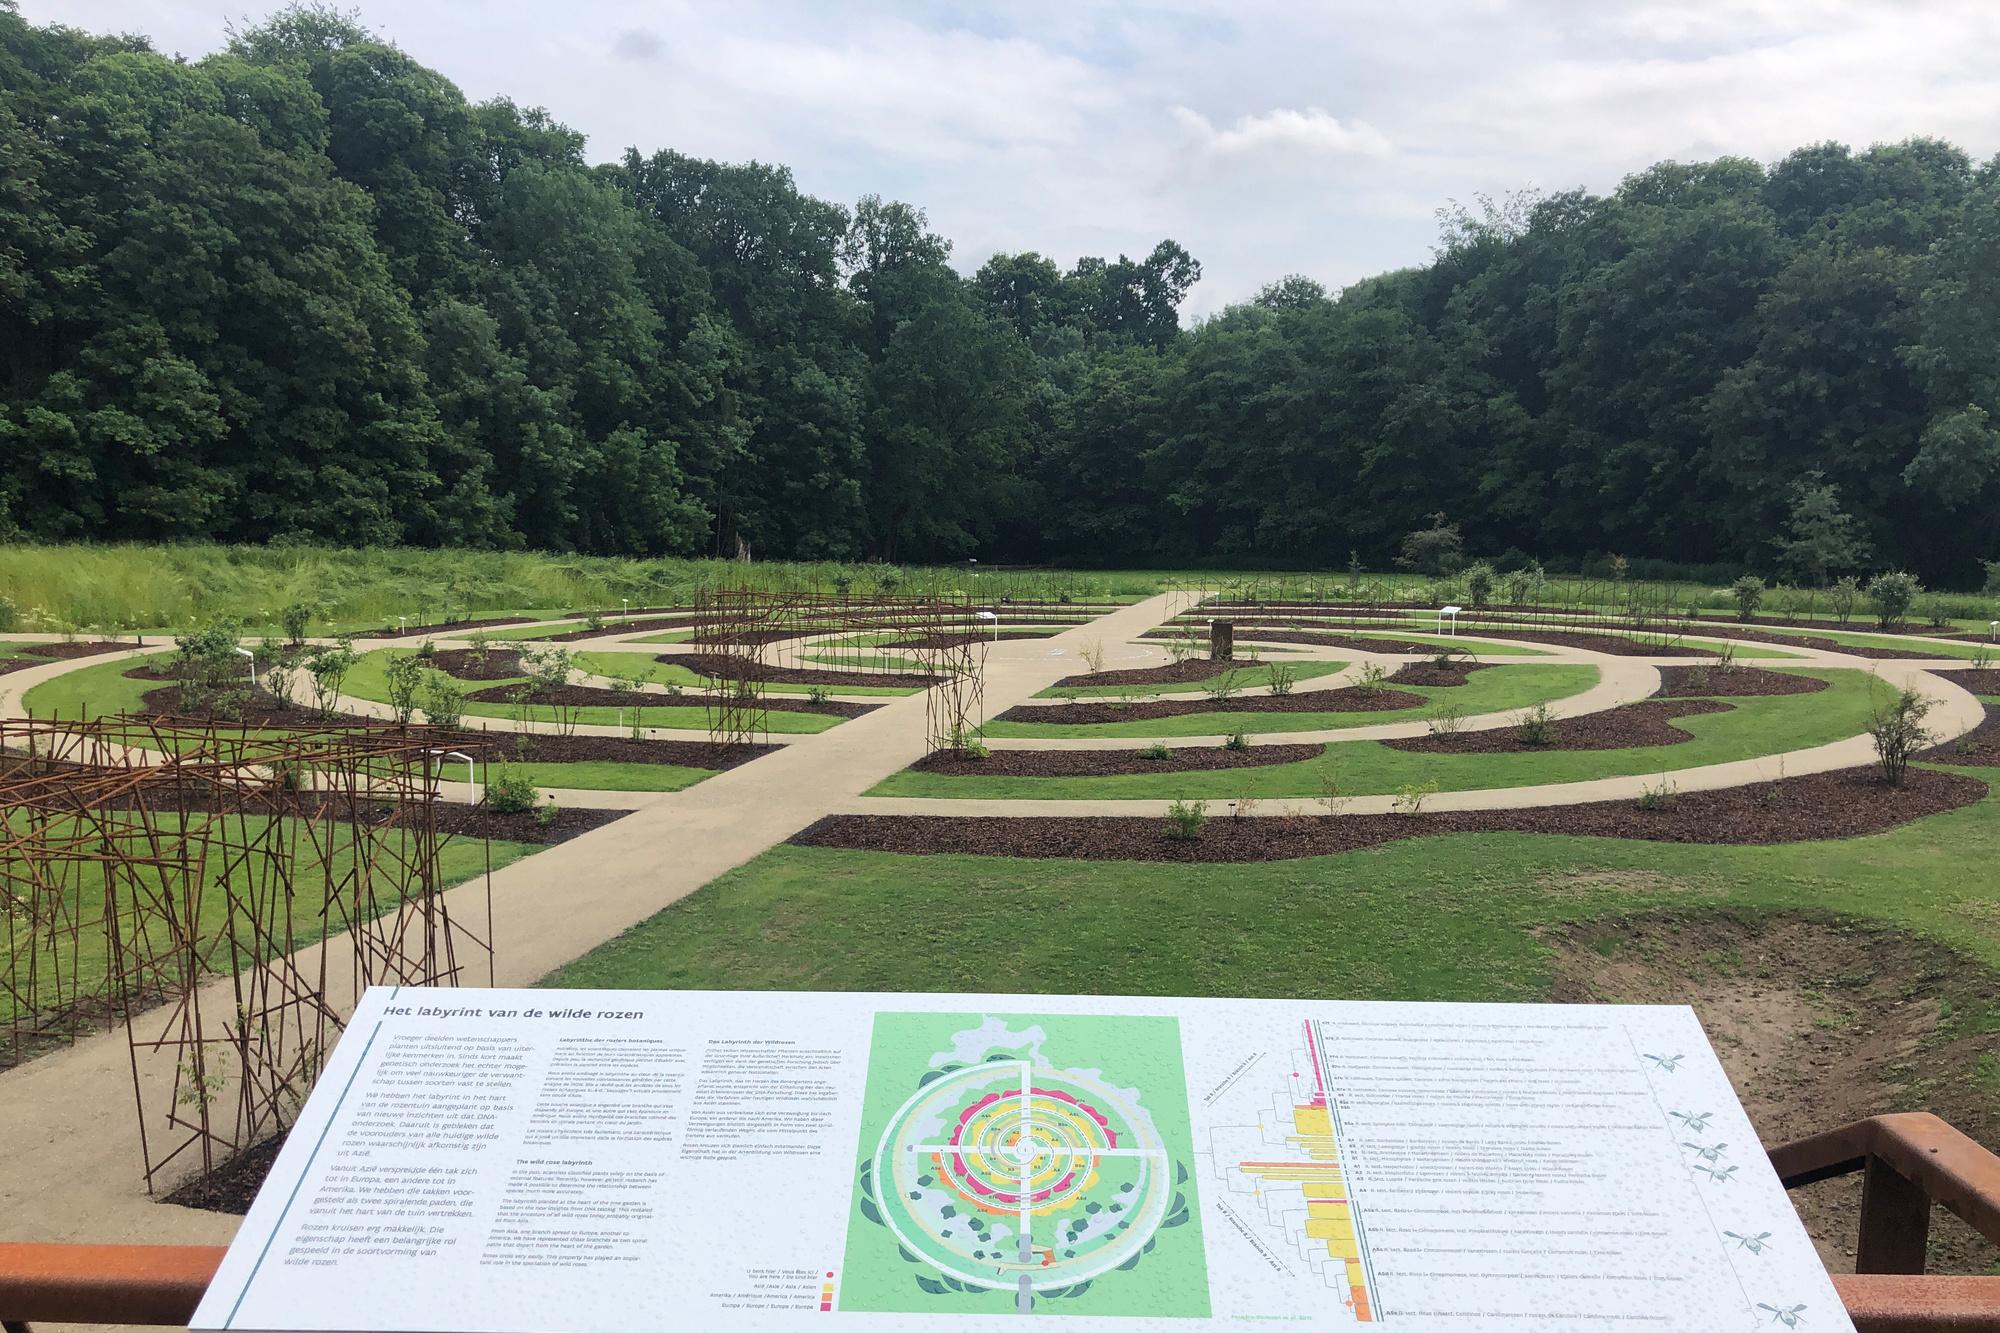 Het labyrint waar de rozen in zullen groeien., Belga